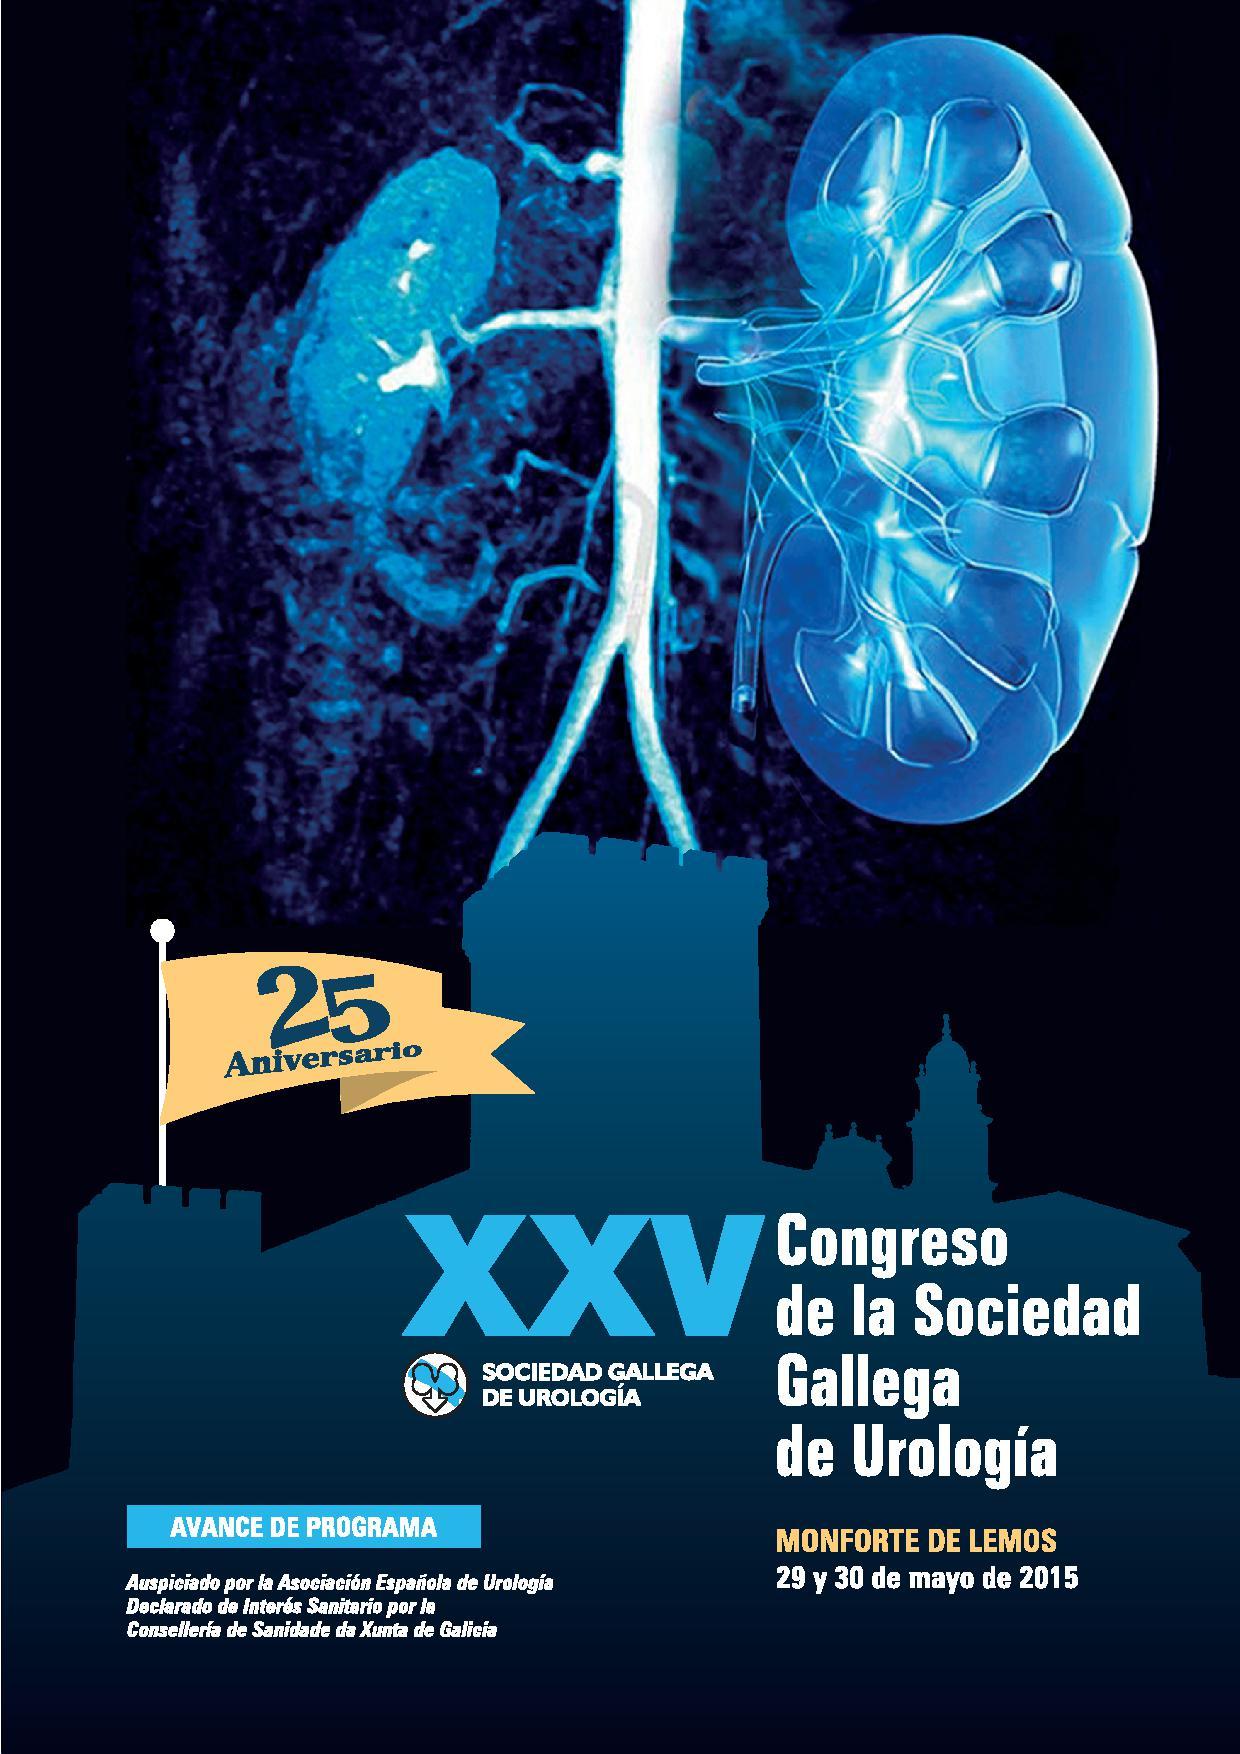 XXV Congreso de la Sociedad Gallega de Urología